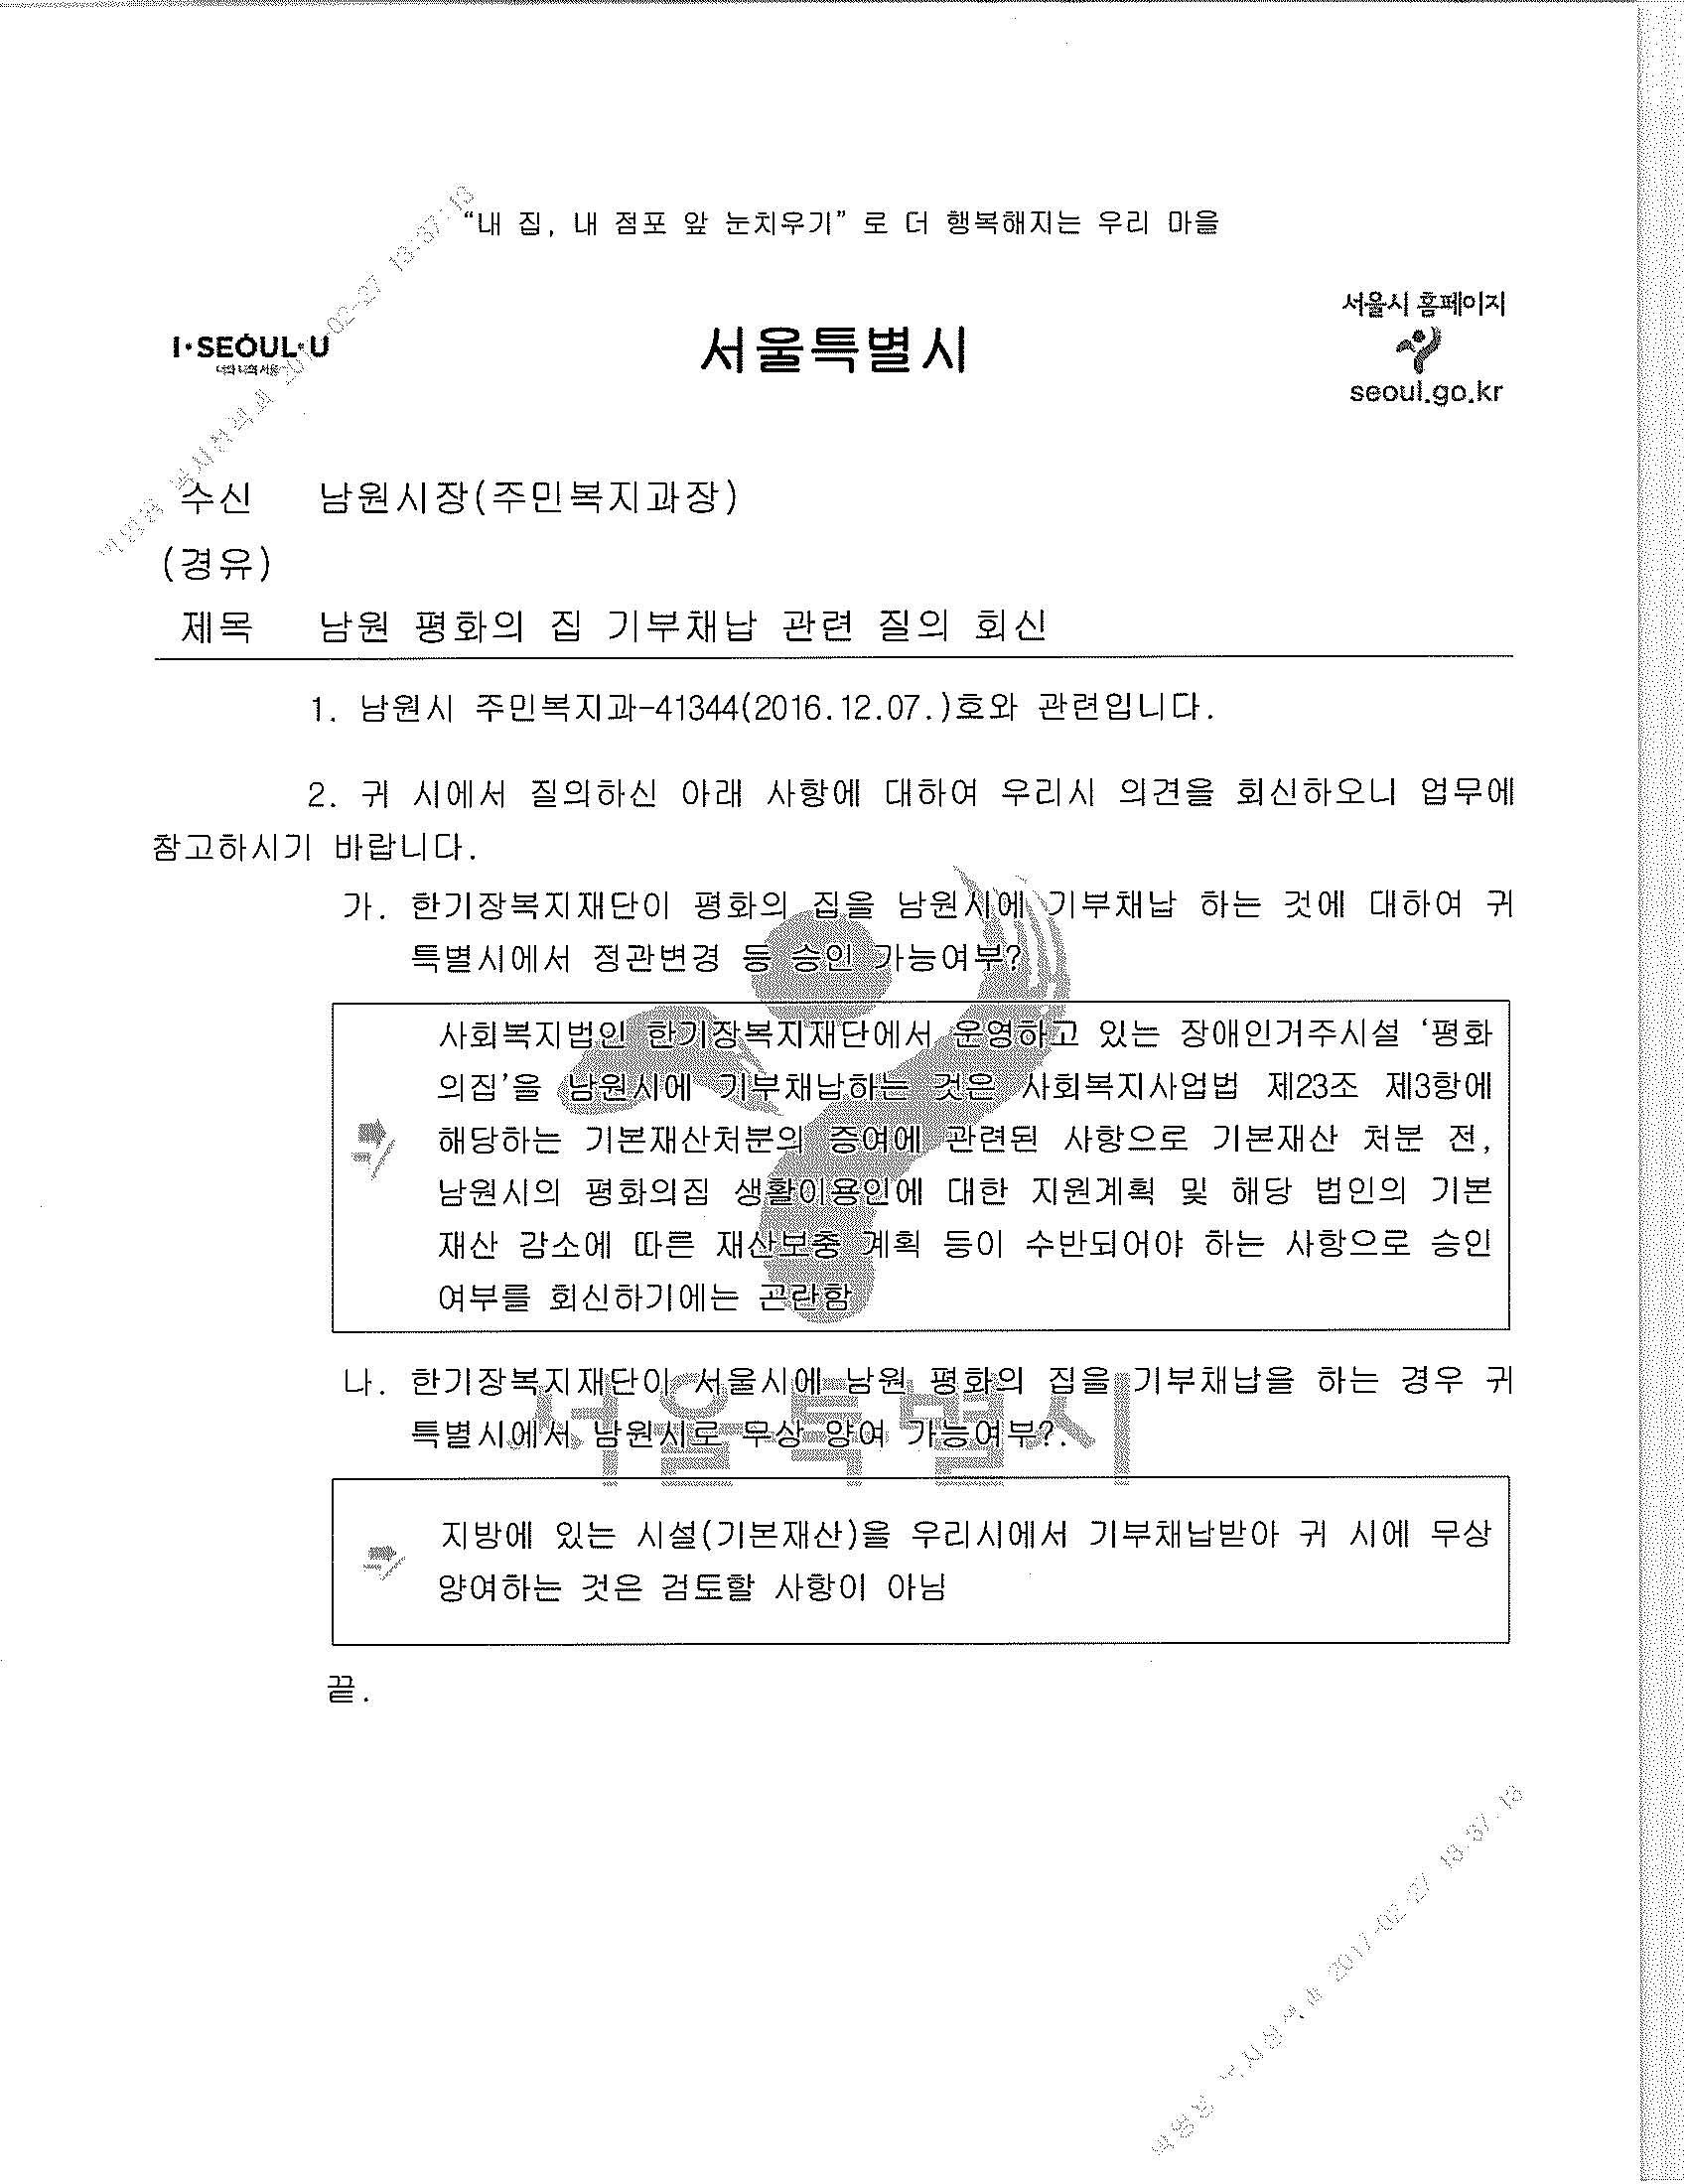 남원 평화의 집 기부채납 관련 질의 회신_페이지_1.jpg